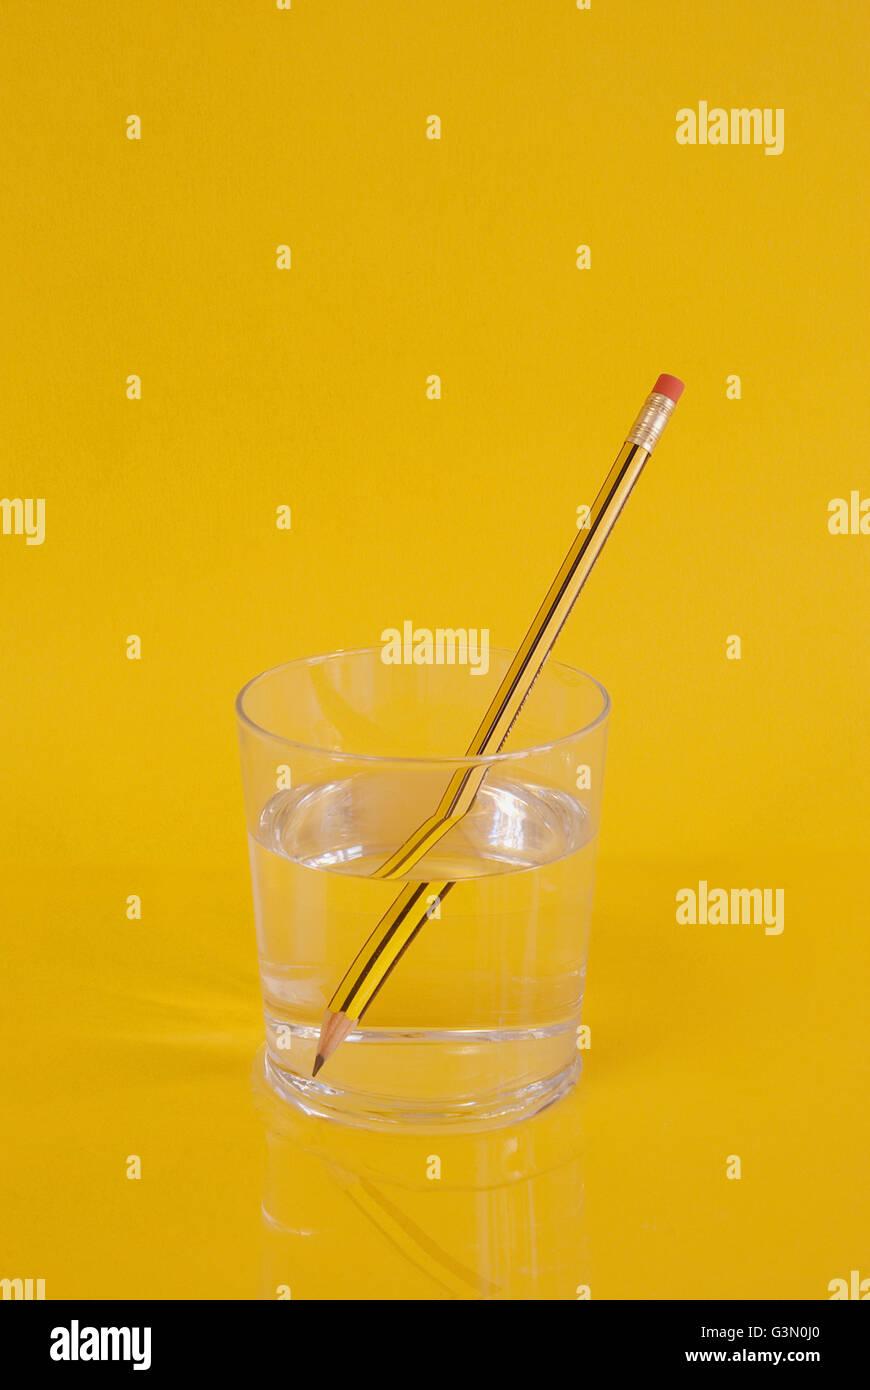 Lápiz en un vaso de agua. Imagen De Stock